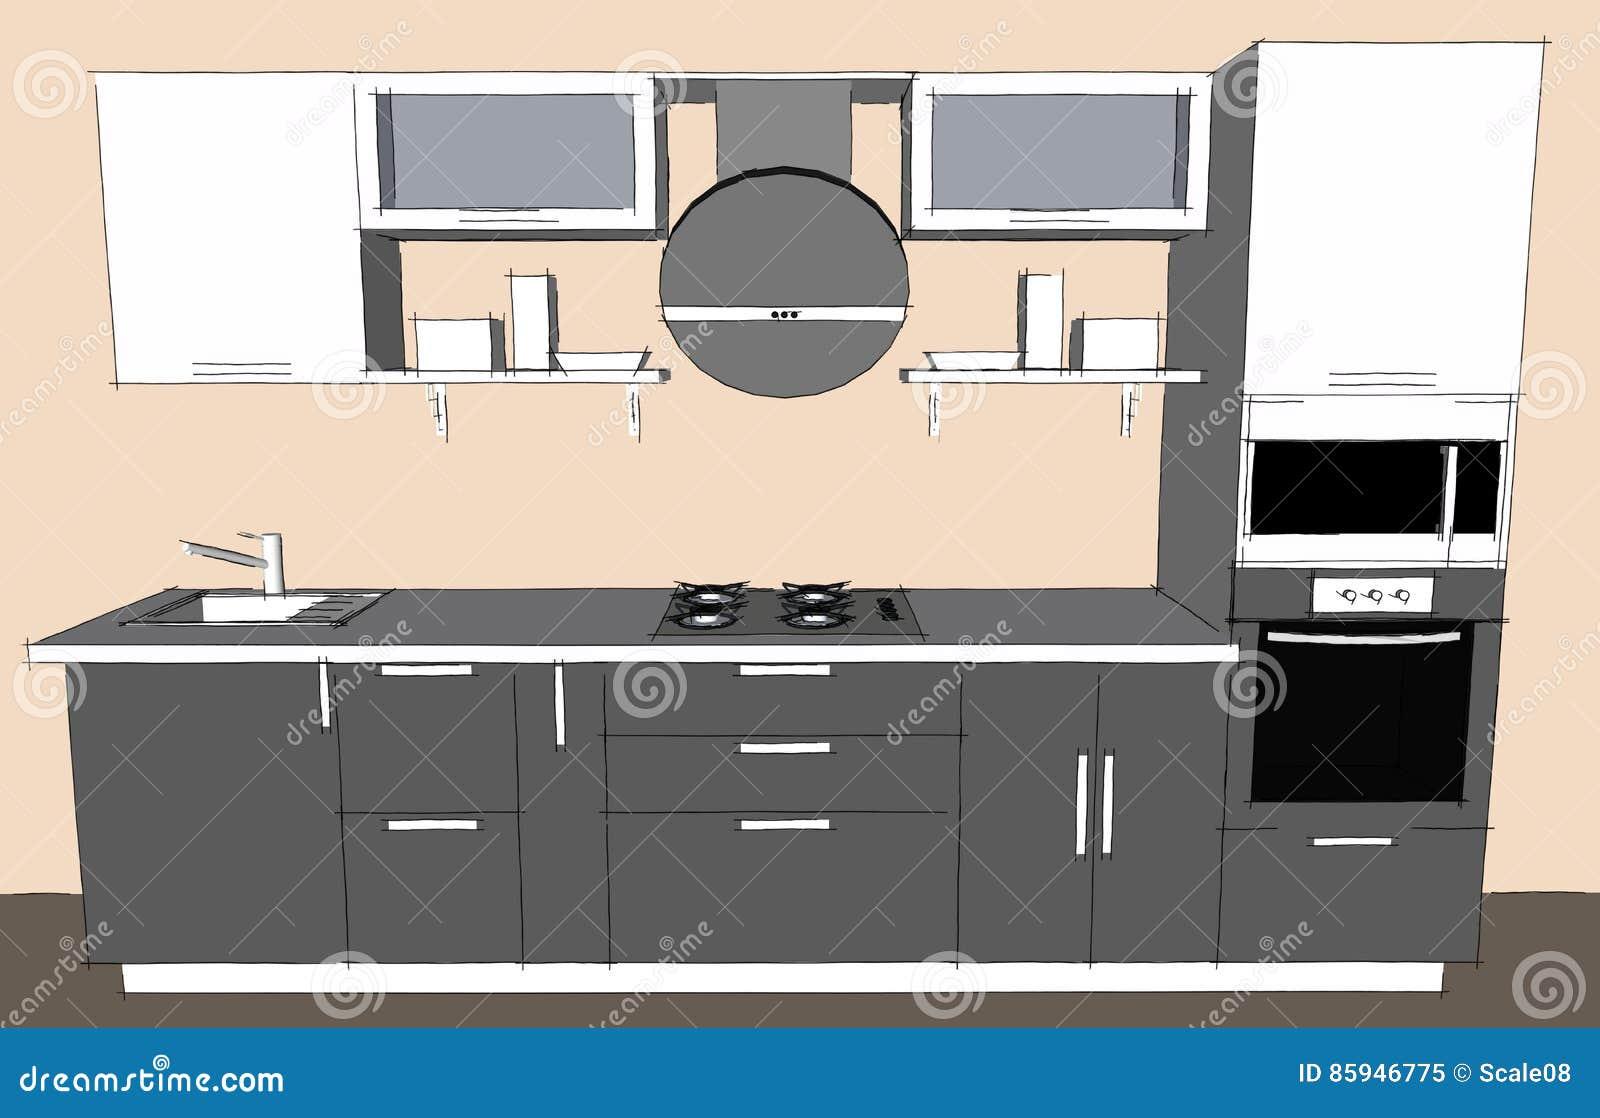 Dessiner cuisine 3d cuisine ikea comment planifier votre for Dessiner ma cuisine en 3d